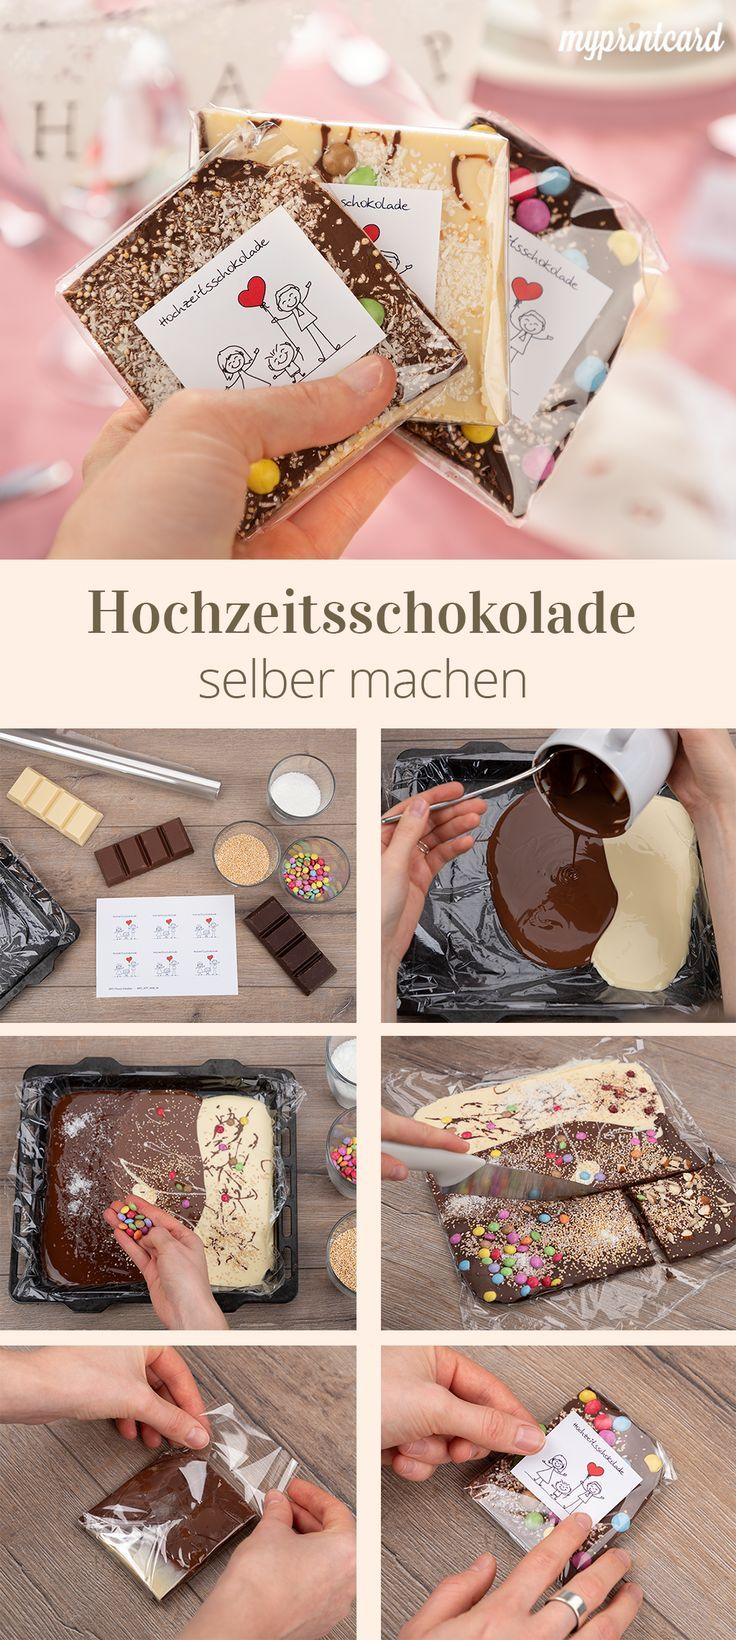 Hochzeits-Schokolade als süßes Gastgeschenk zum Selbermachen – myprintcard – Yeni Dizi